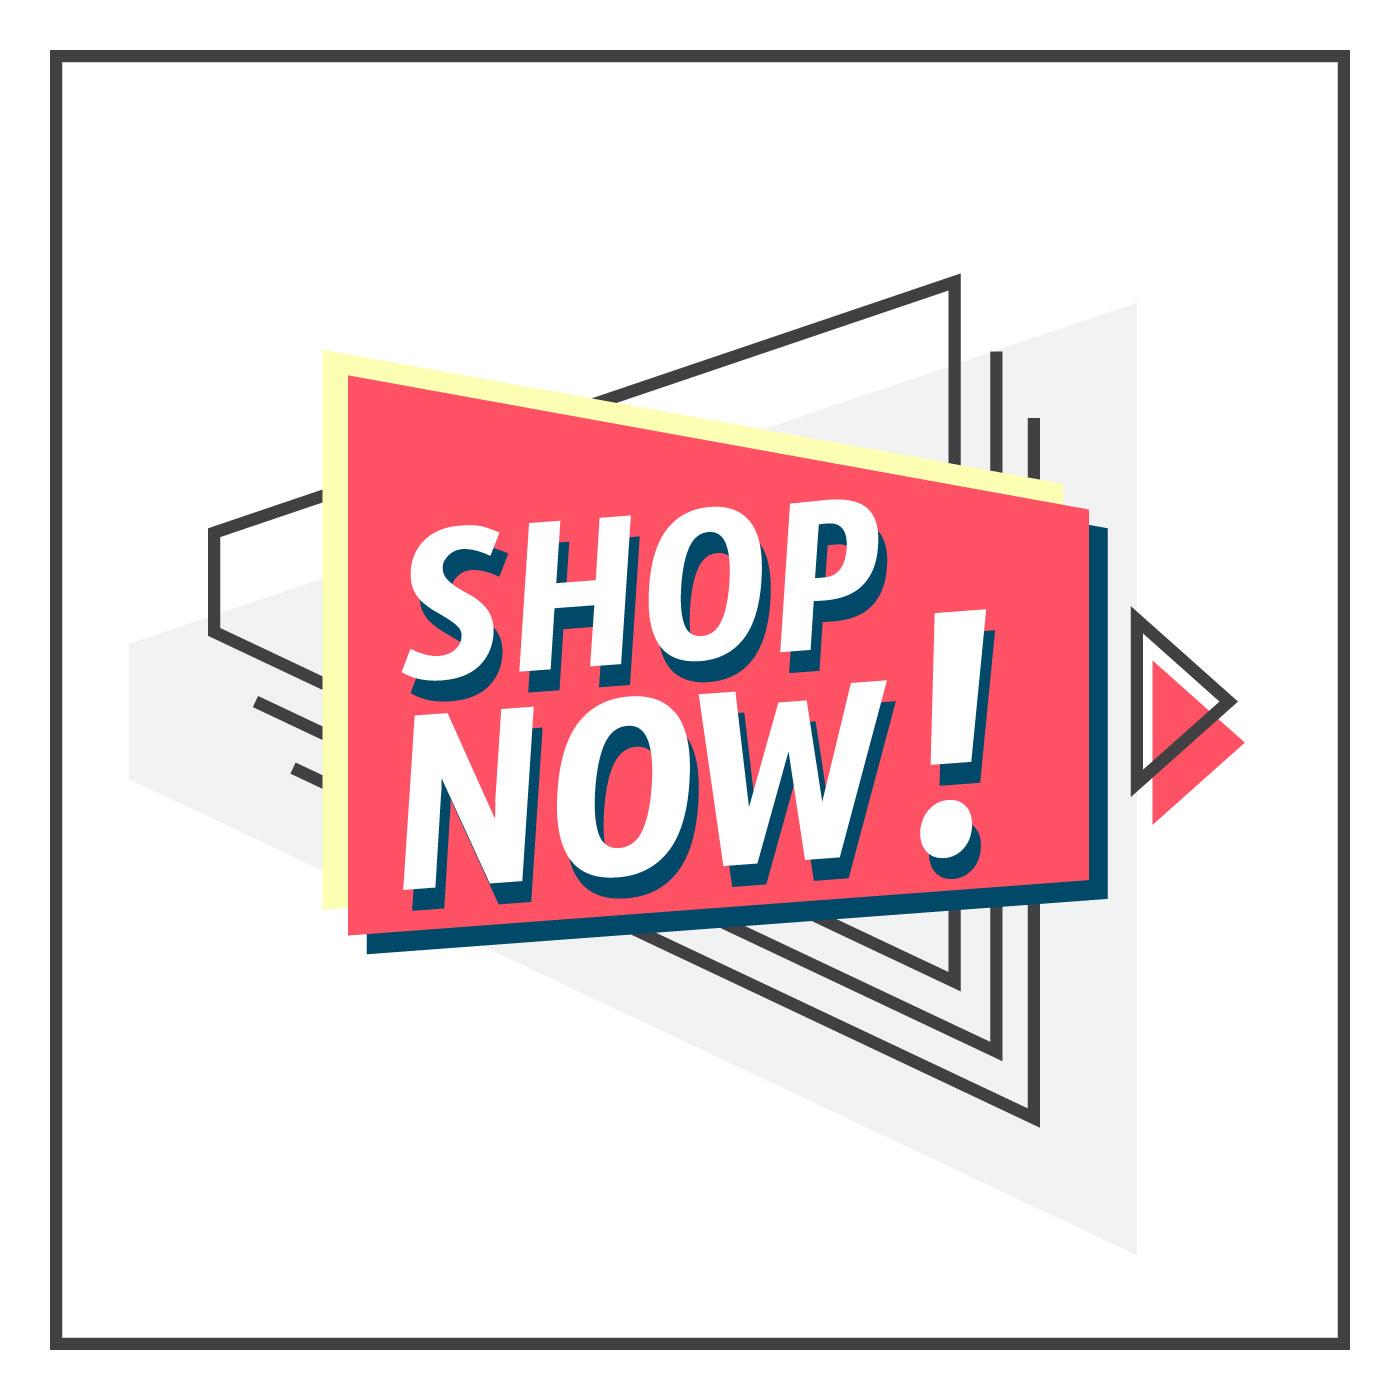 Vv shop | shop now